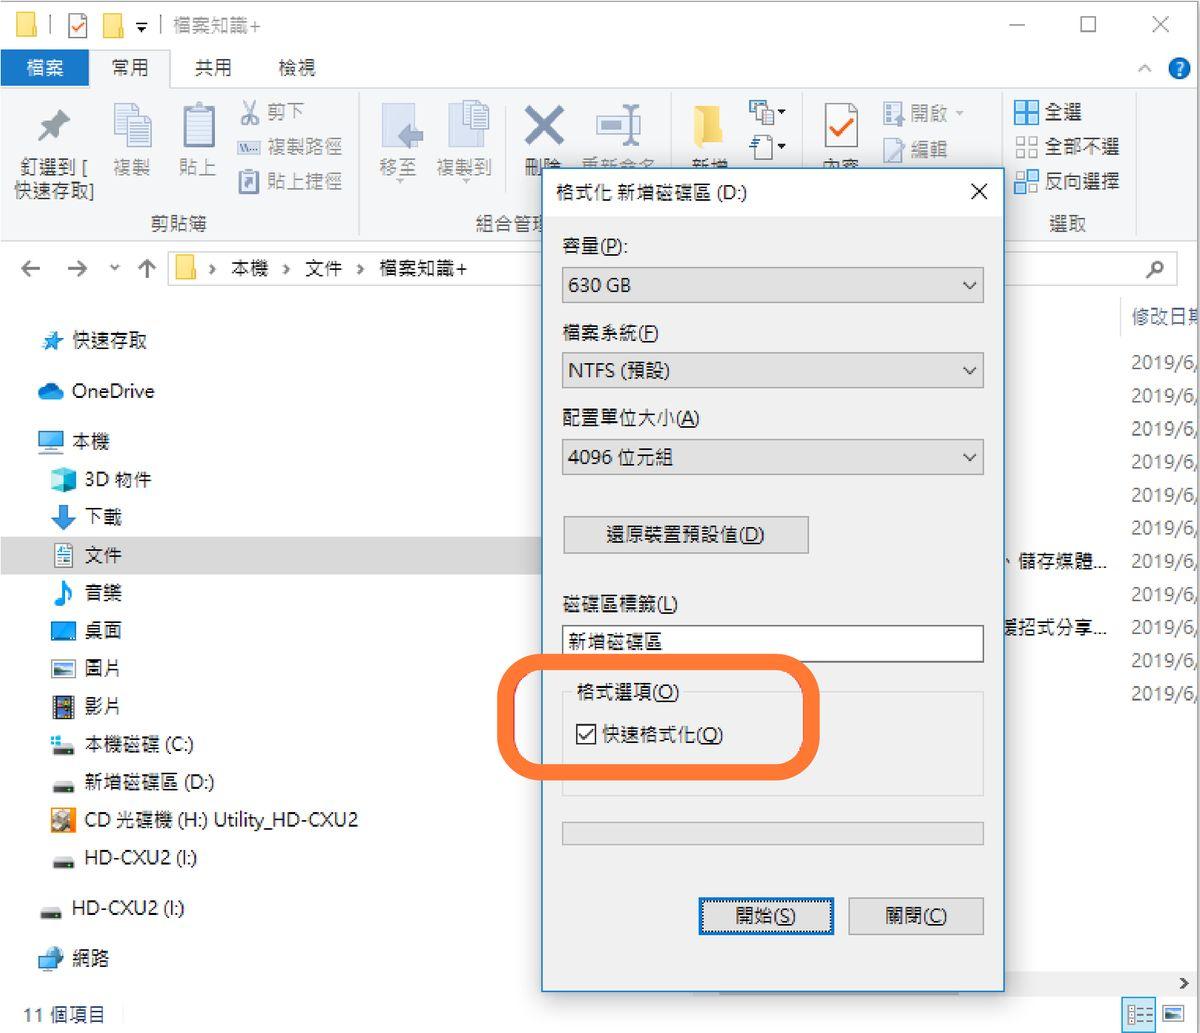 圖2 Windows預設的快速格式化操作介面